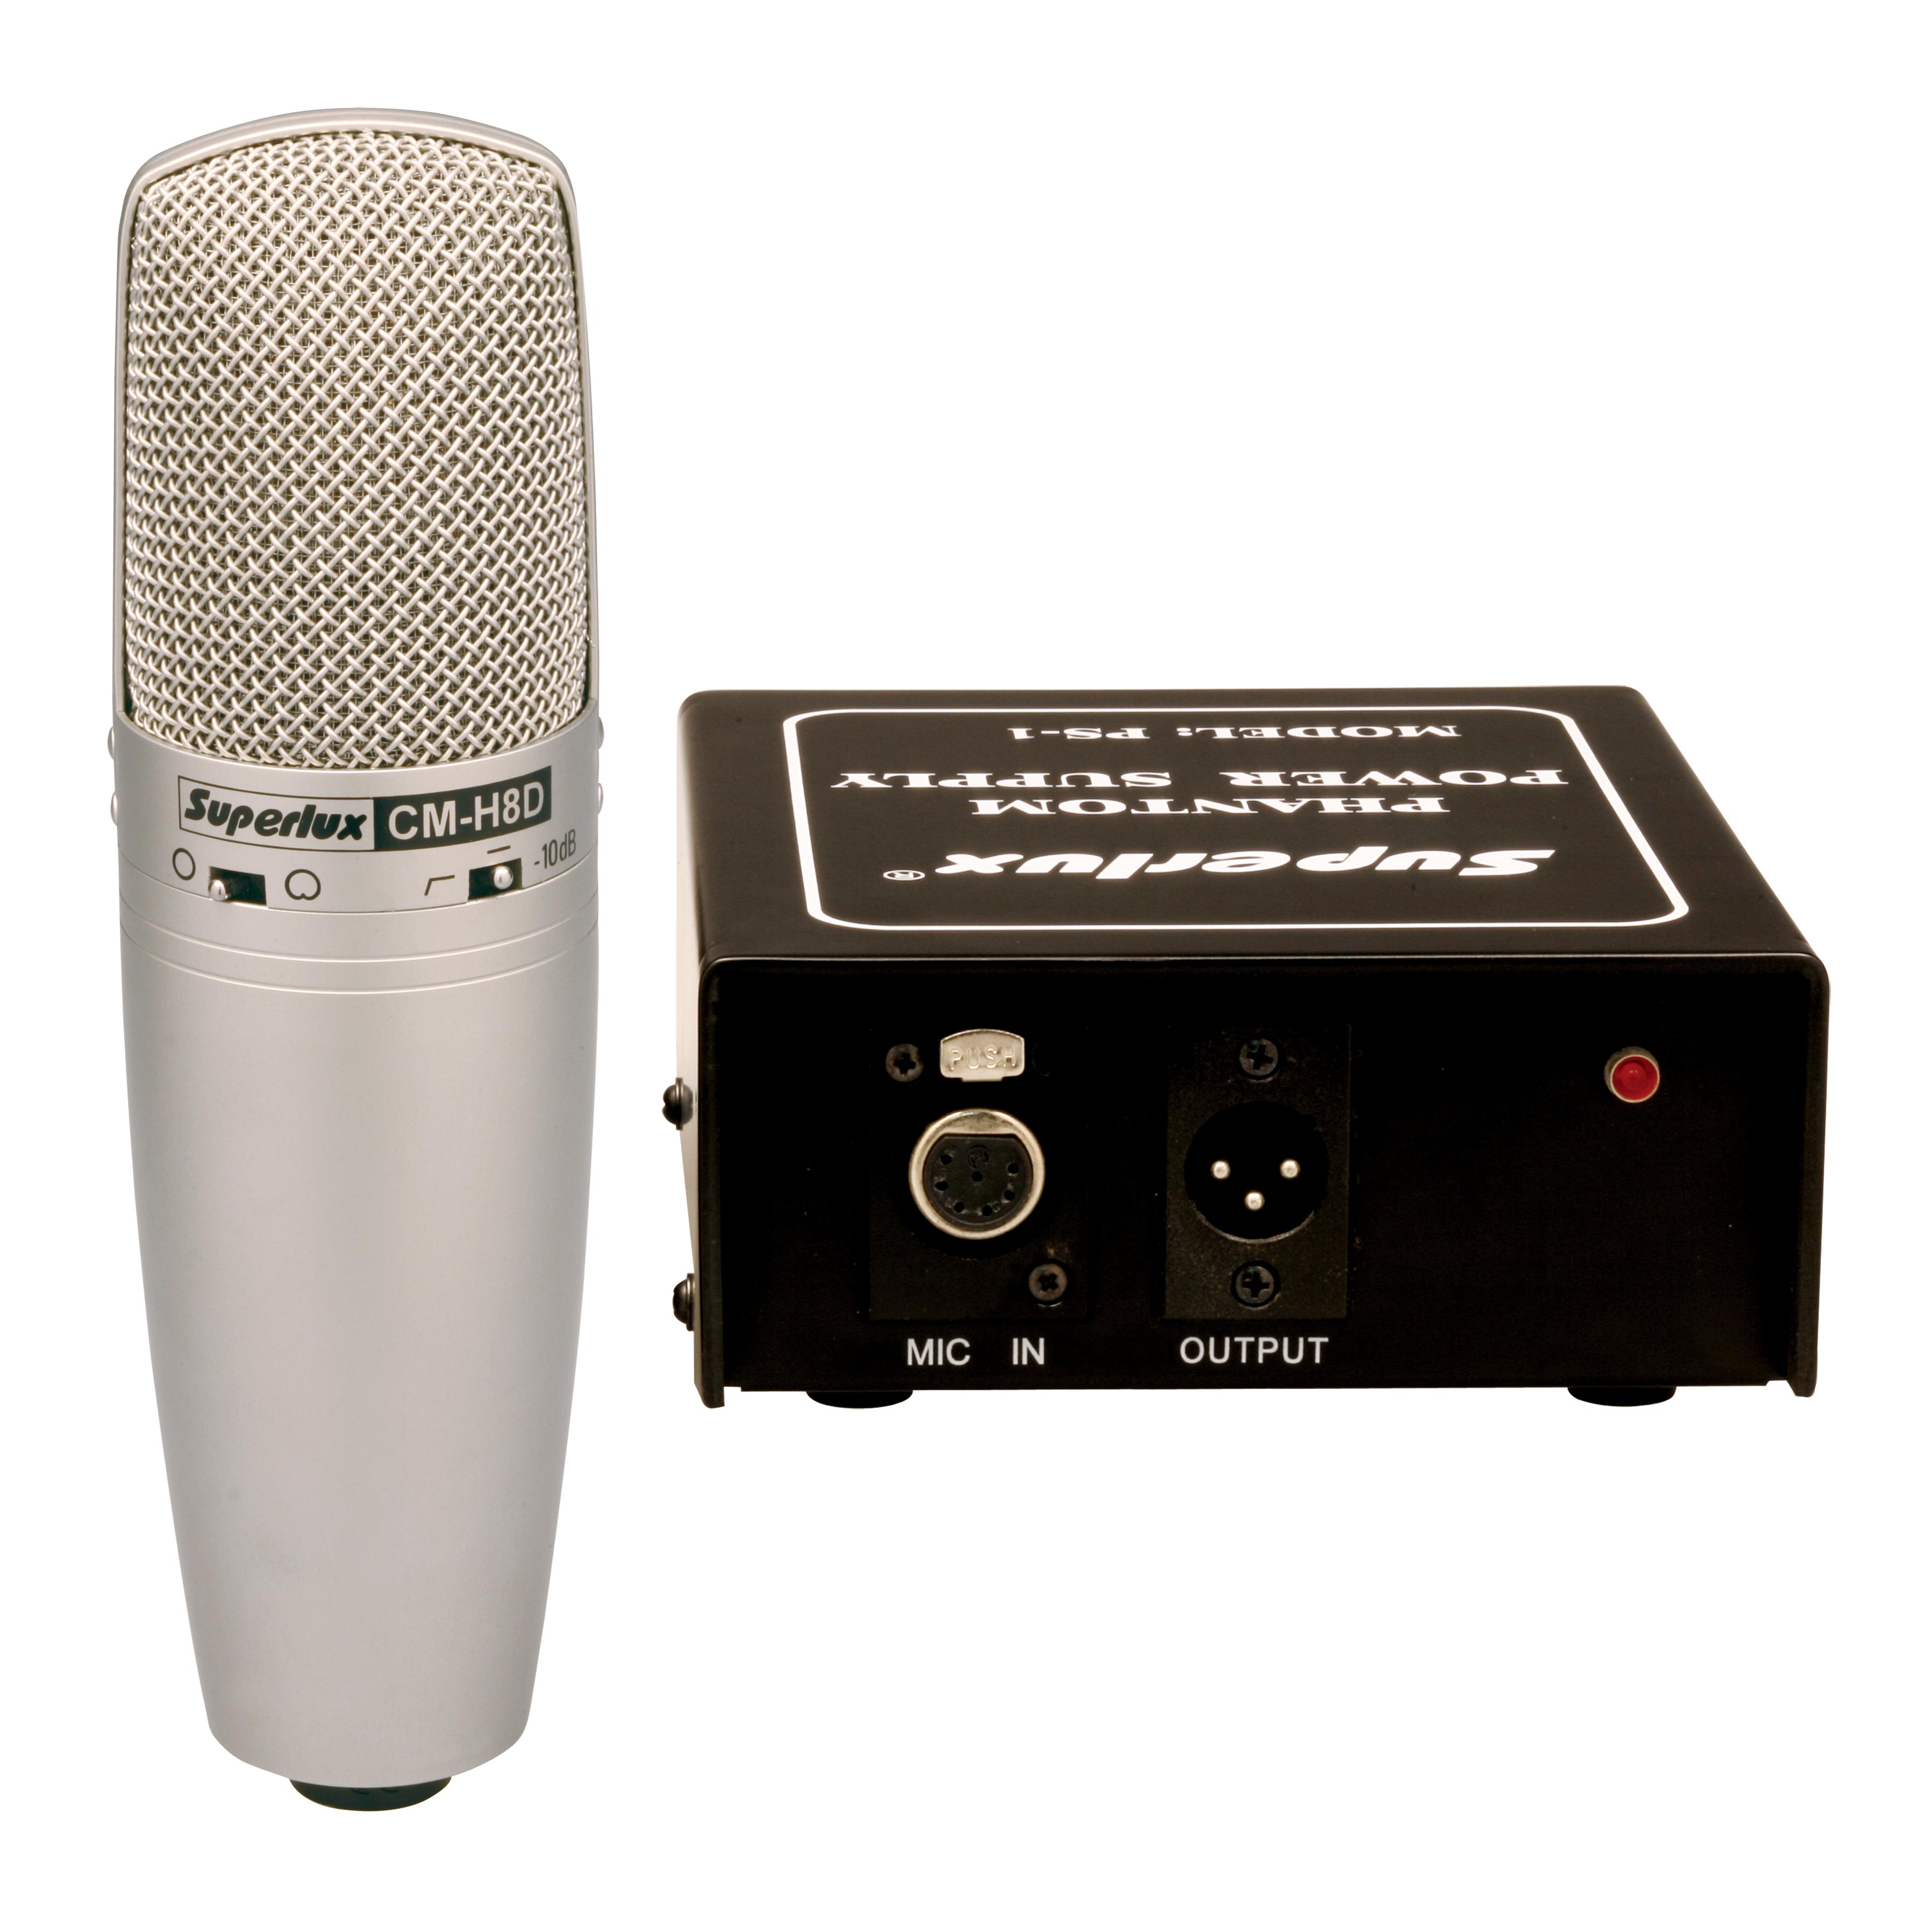 """音 头:真电容,1"""" (25.4 mm) 指向性:心形/无指向性  频率响应:30~20000Hz  滤 波 器:100 Hz衰 减 器:-10 Hz 灵 敏 度:心形-28 dBV/pa(40 mV);无指向-32 dBV/Pa (25 mV) 标称阻抗:200 Ω 最小负载阻抗:1,000 Ω 等效噪声级:14/18 dB (A 计权 IEC/DIN 651) 最大声压级:142/146 dB (谐波失真0."""